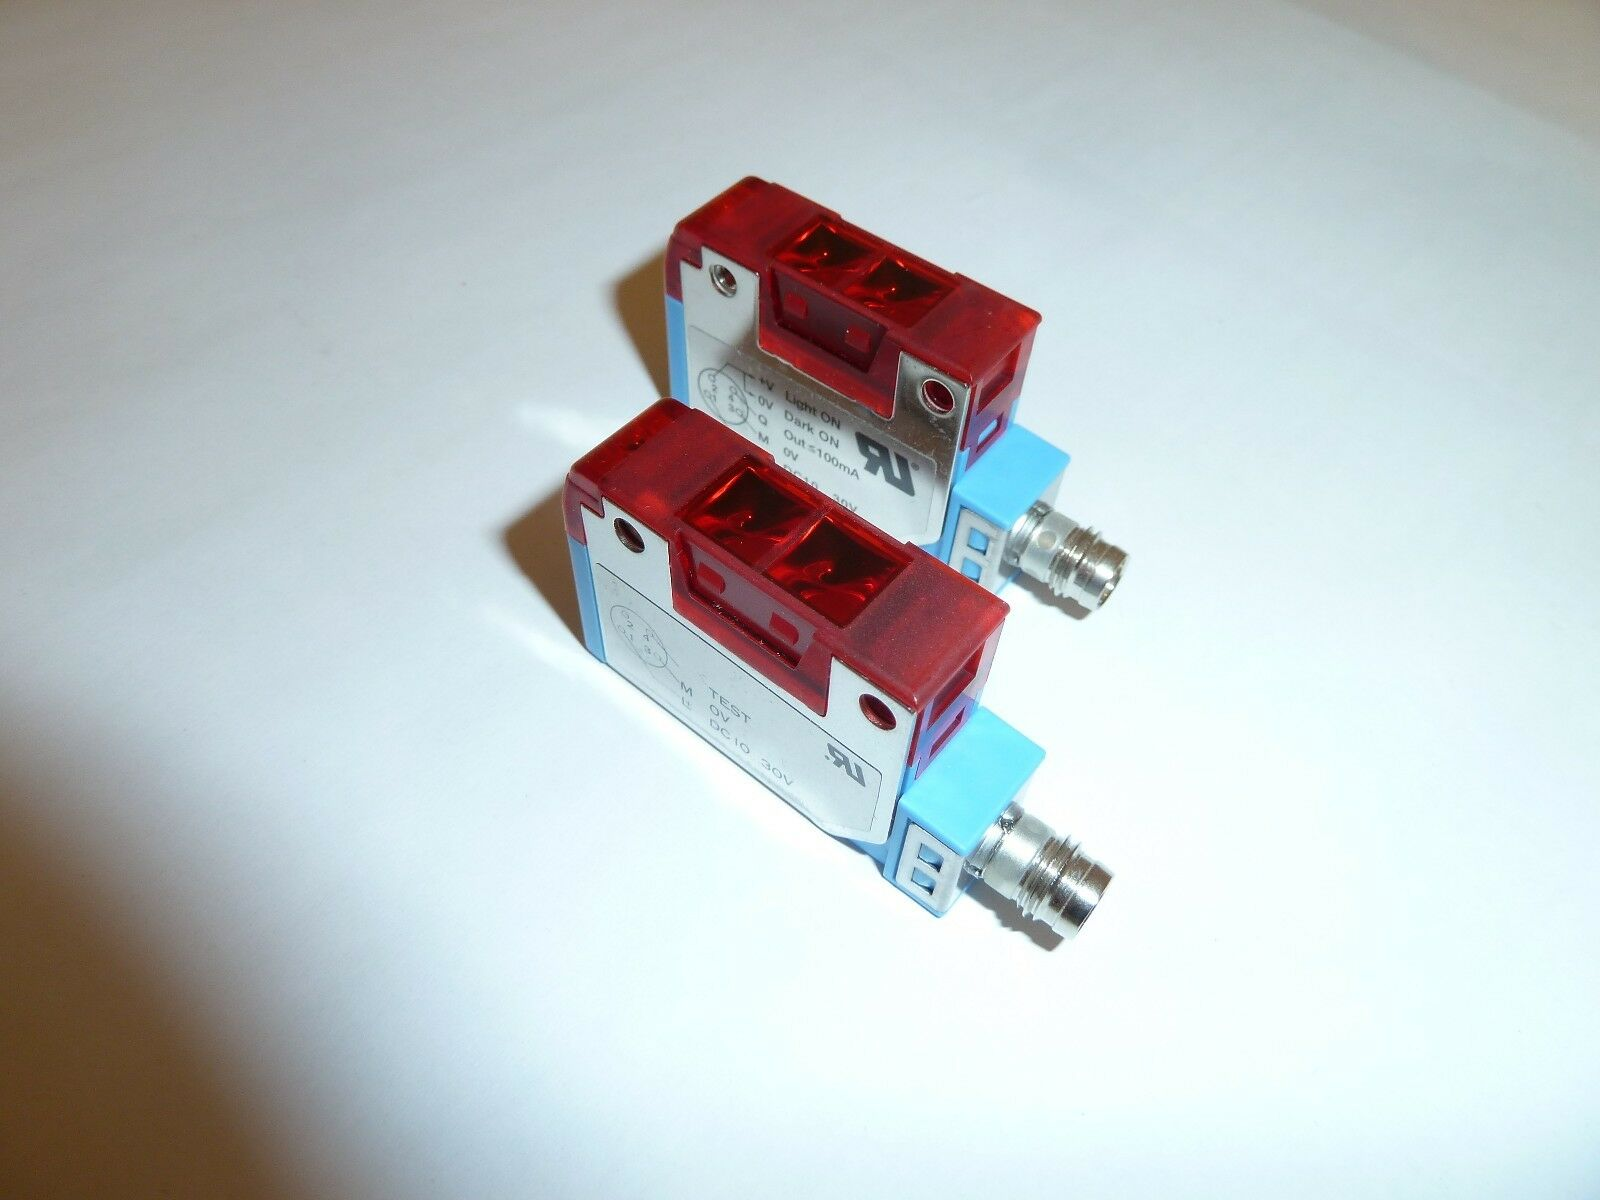 Lichttaster SICK Einweglichtschranke Lichtschranke WS//WE170-P430